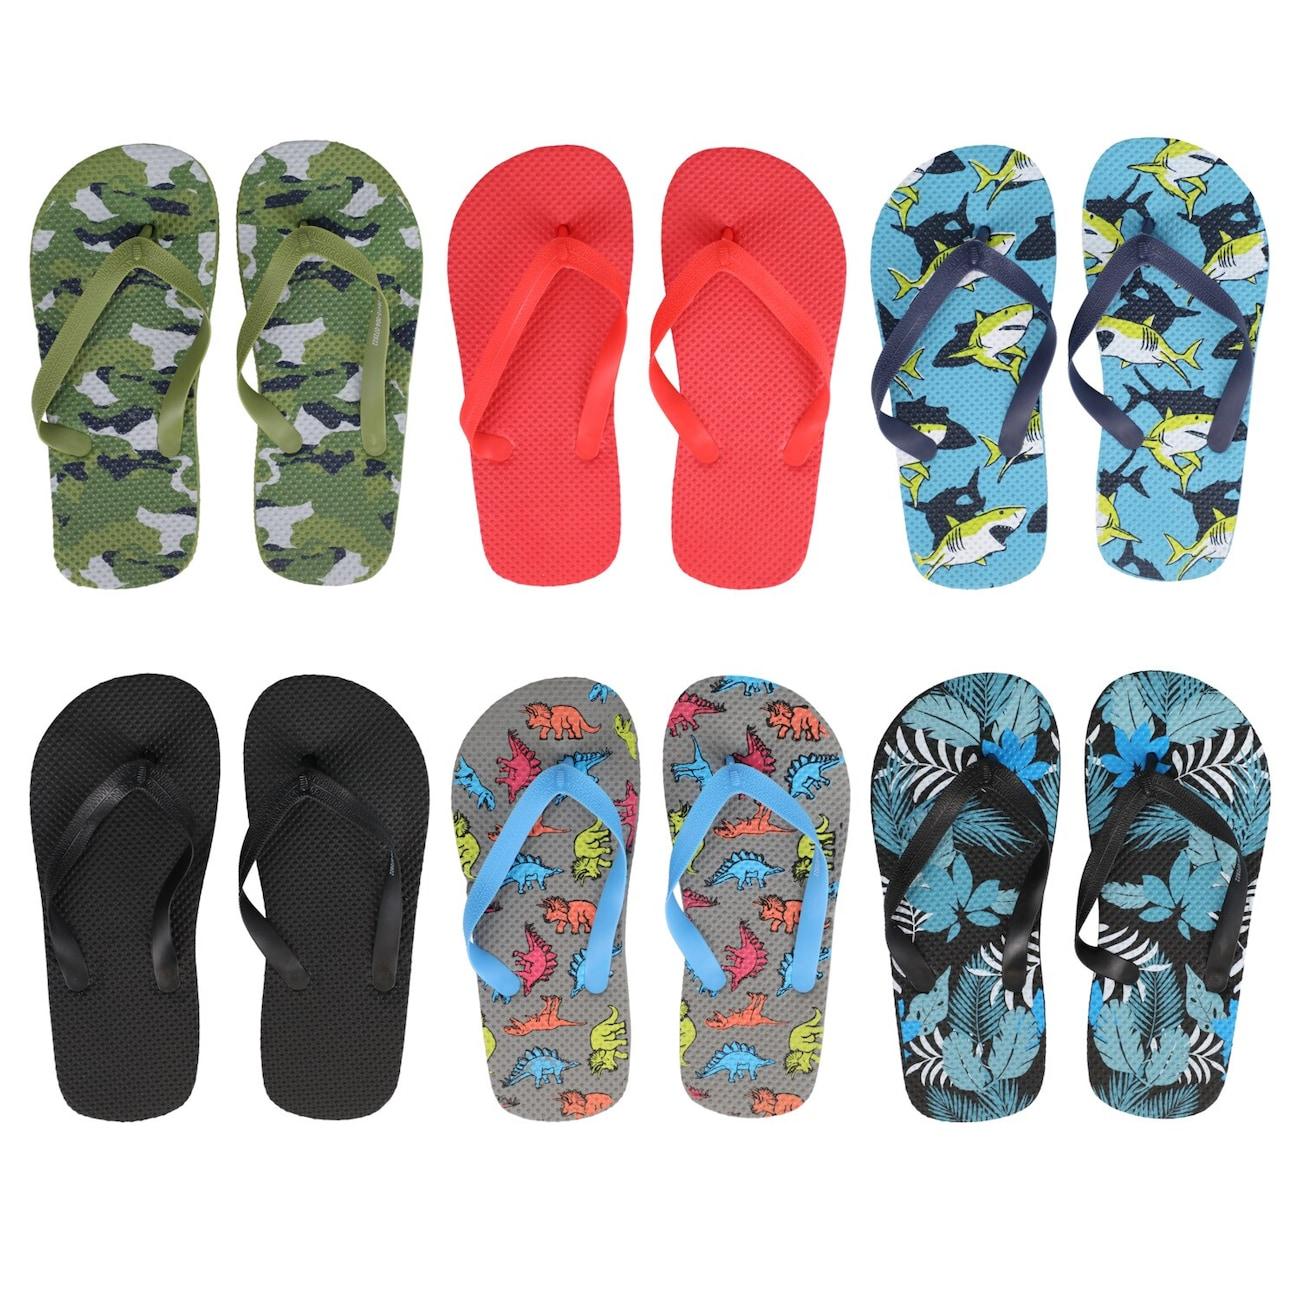 9770a3984 Boy s Summertime Rubber Flip Flops